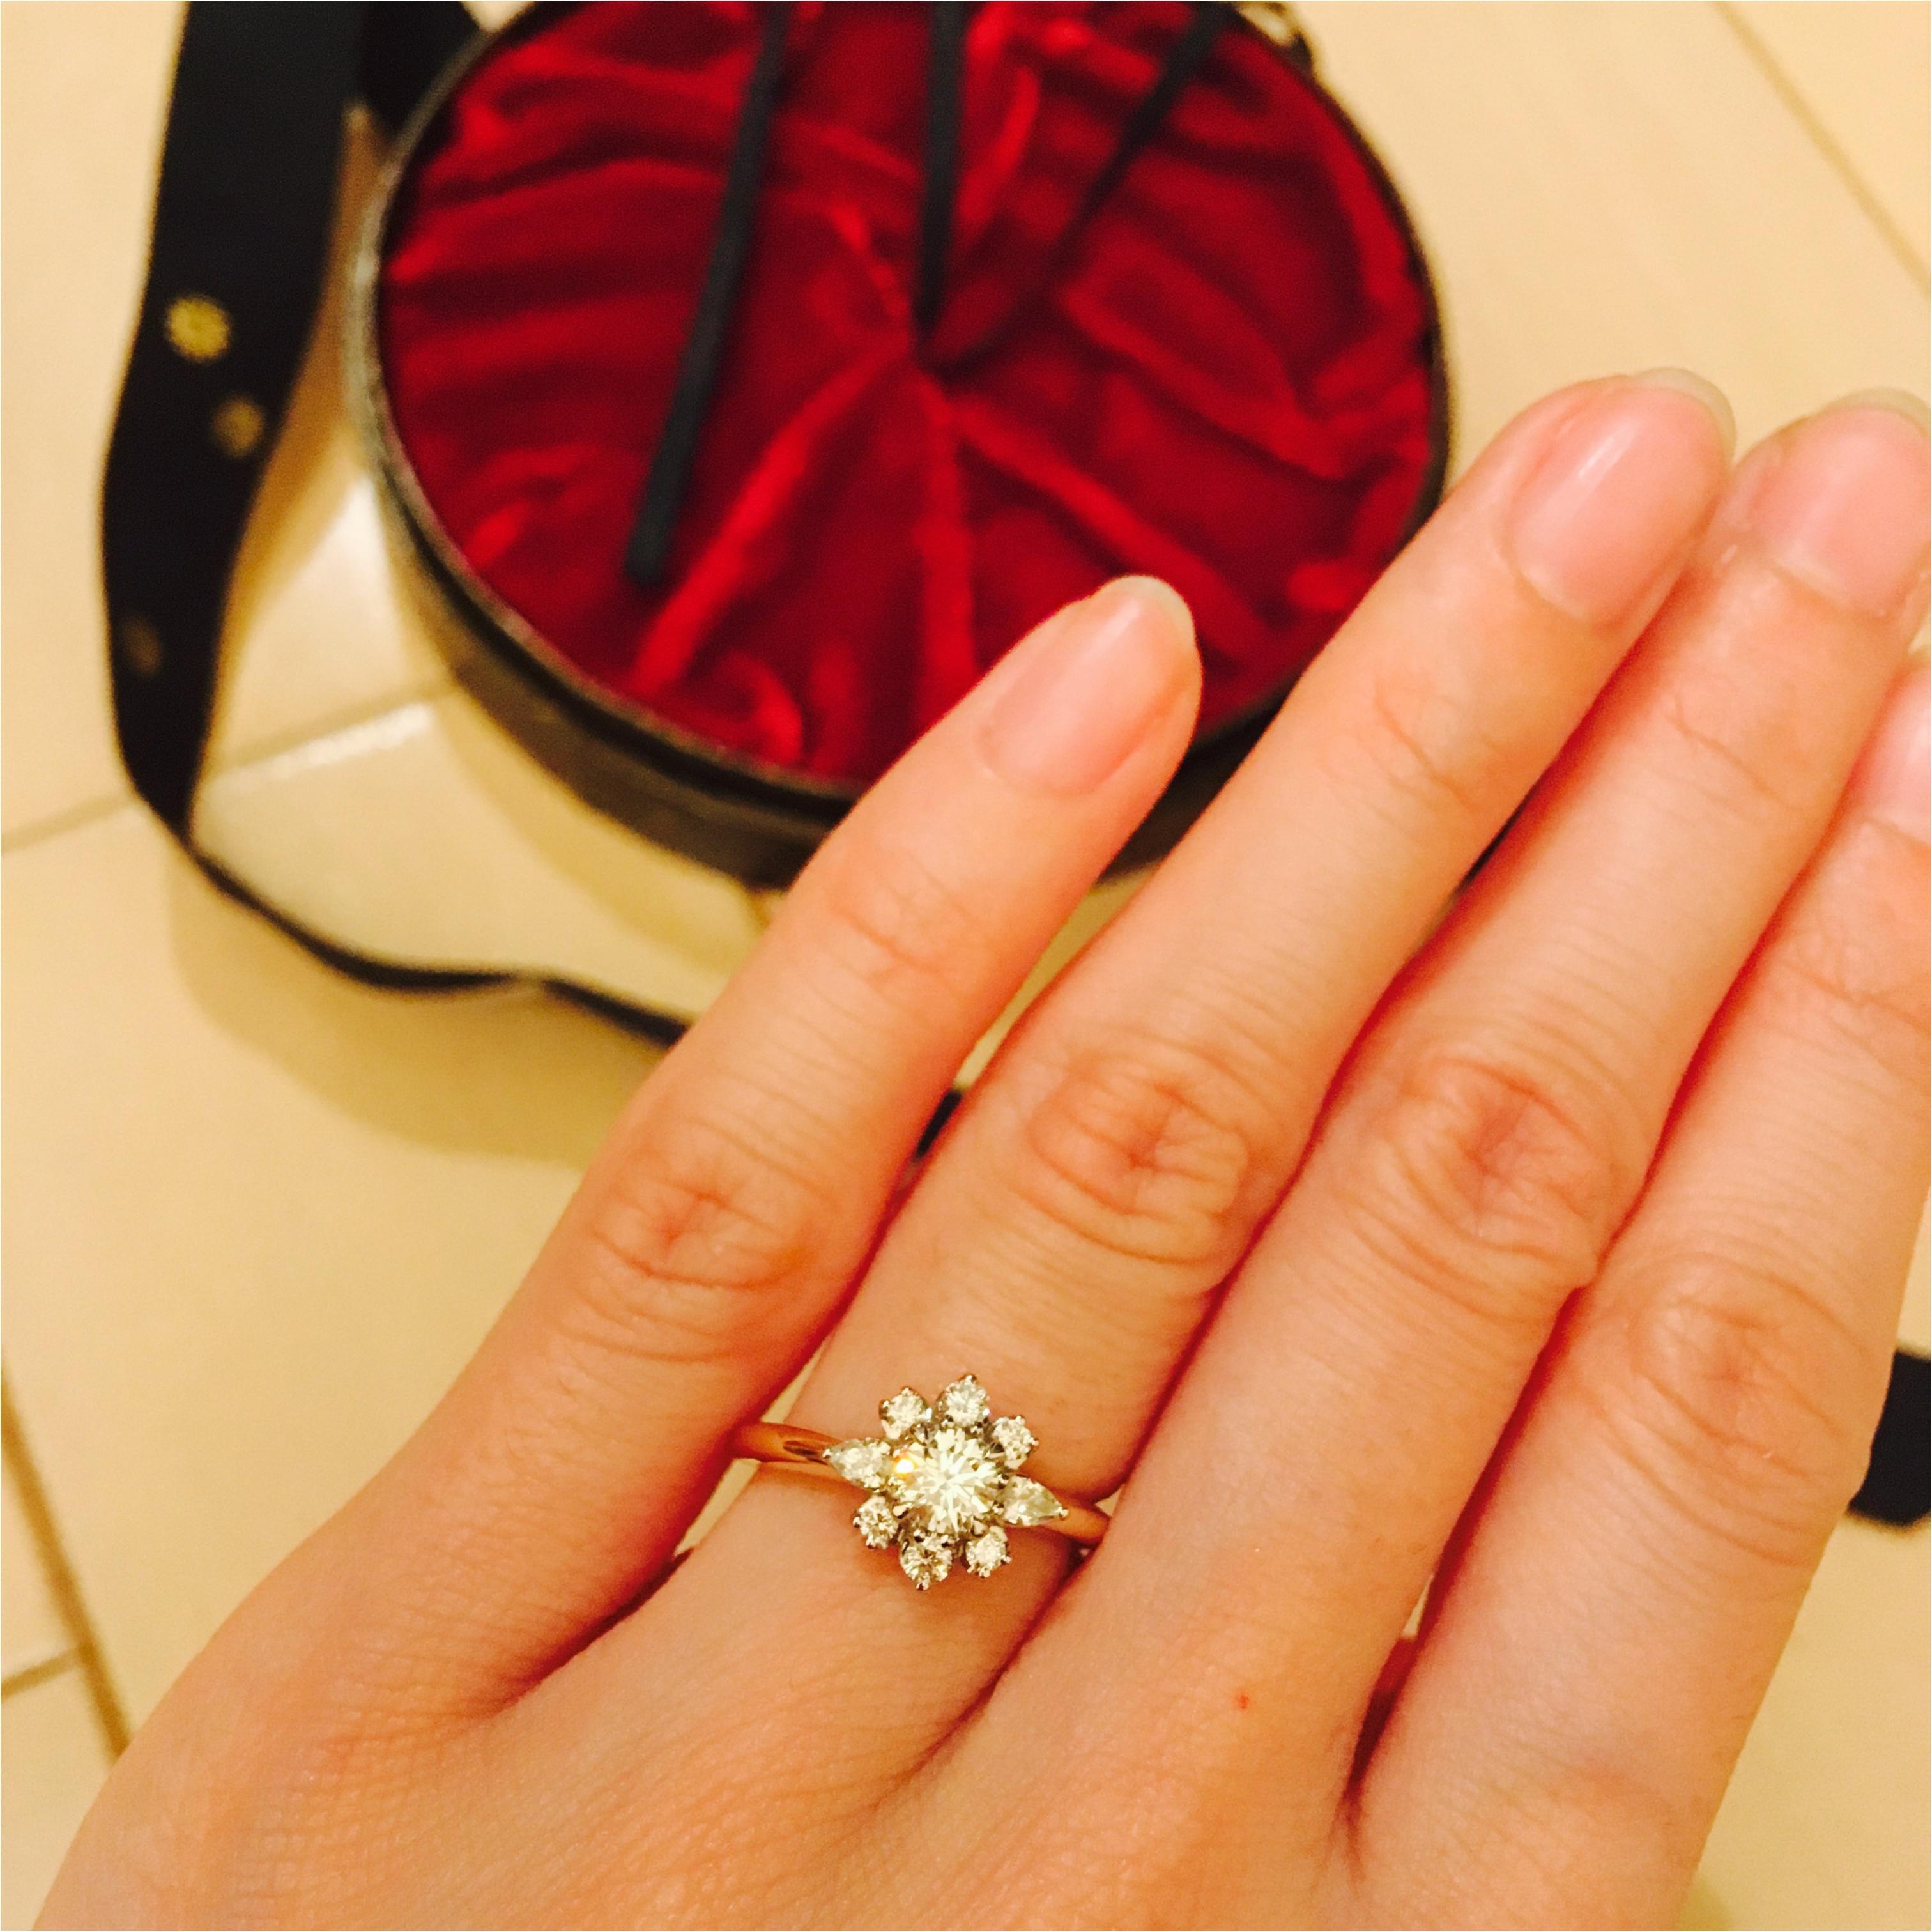 婚約指輪のおすすめブランド特集 - ティファニー、カルティエ、ディオールなどエンゲージリングまとめ_75